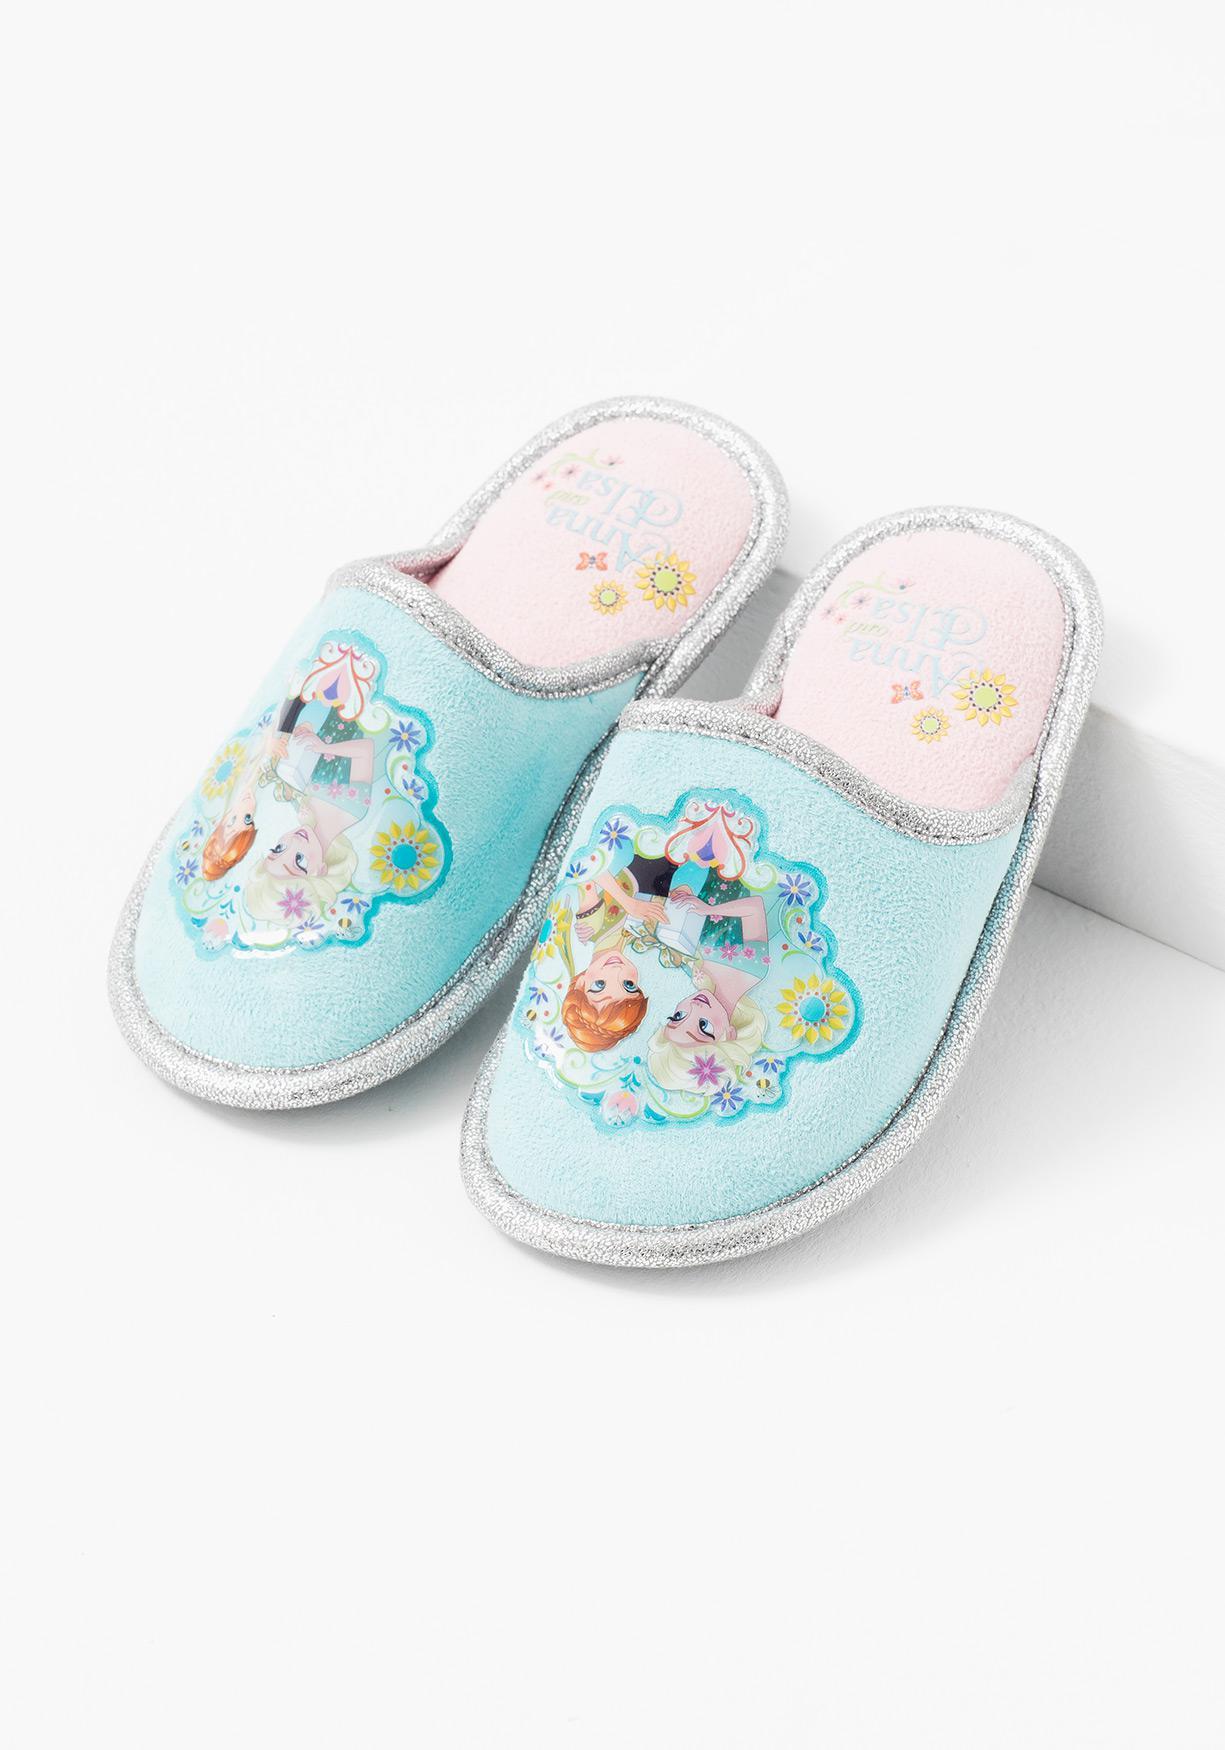 nueva llegada 9f7c9 cd909 zapatillas de casa 34,Hombre Gris Zapatos Zapatillas De Casa ...